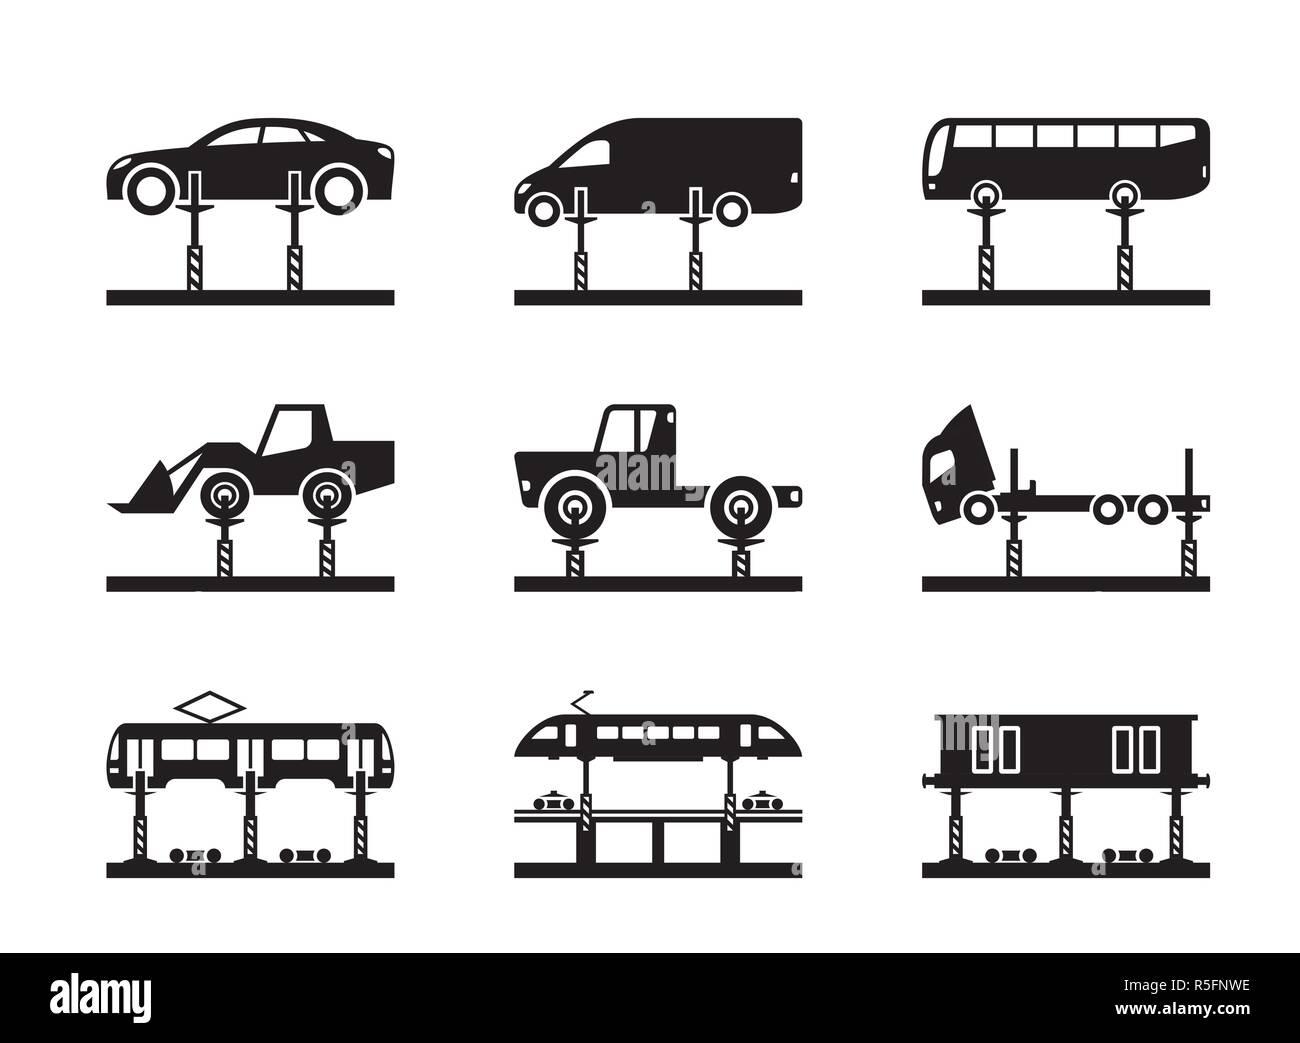 Heavy industry lifting equipment - vector illustration - Stock Vector